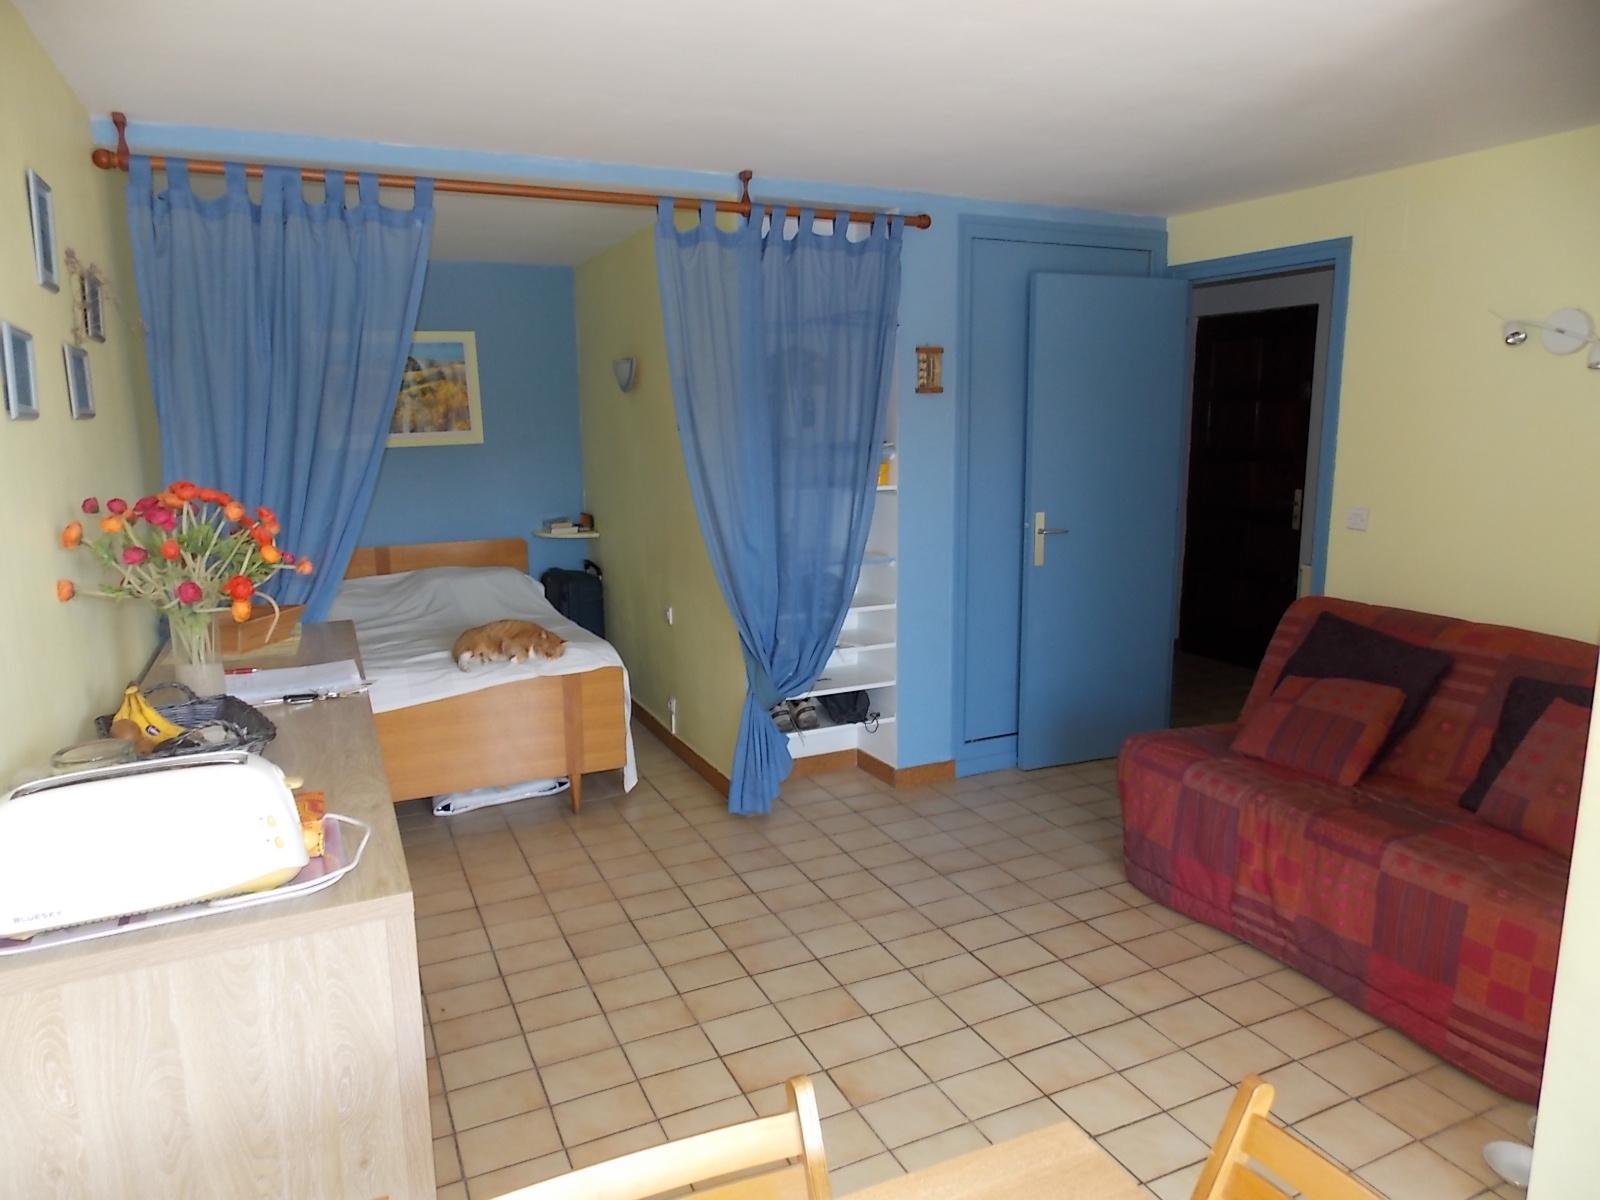 Vente appartement 1 pièces st cyprien 66750